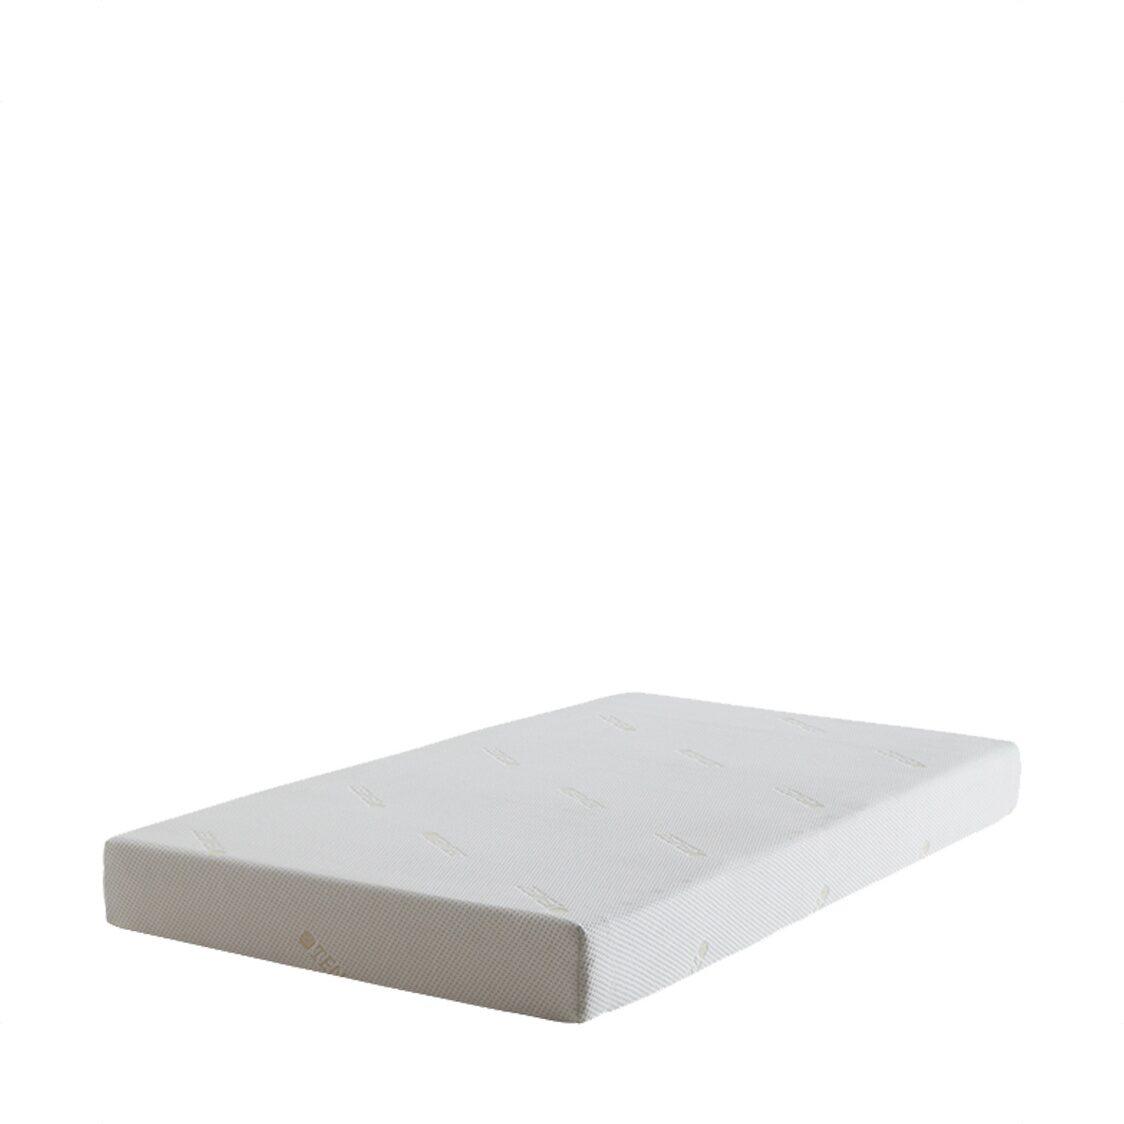 1100W Foam Mattress For Motion HSCM0011F-XX